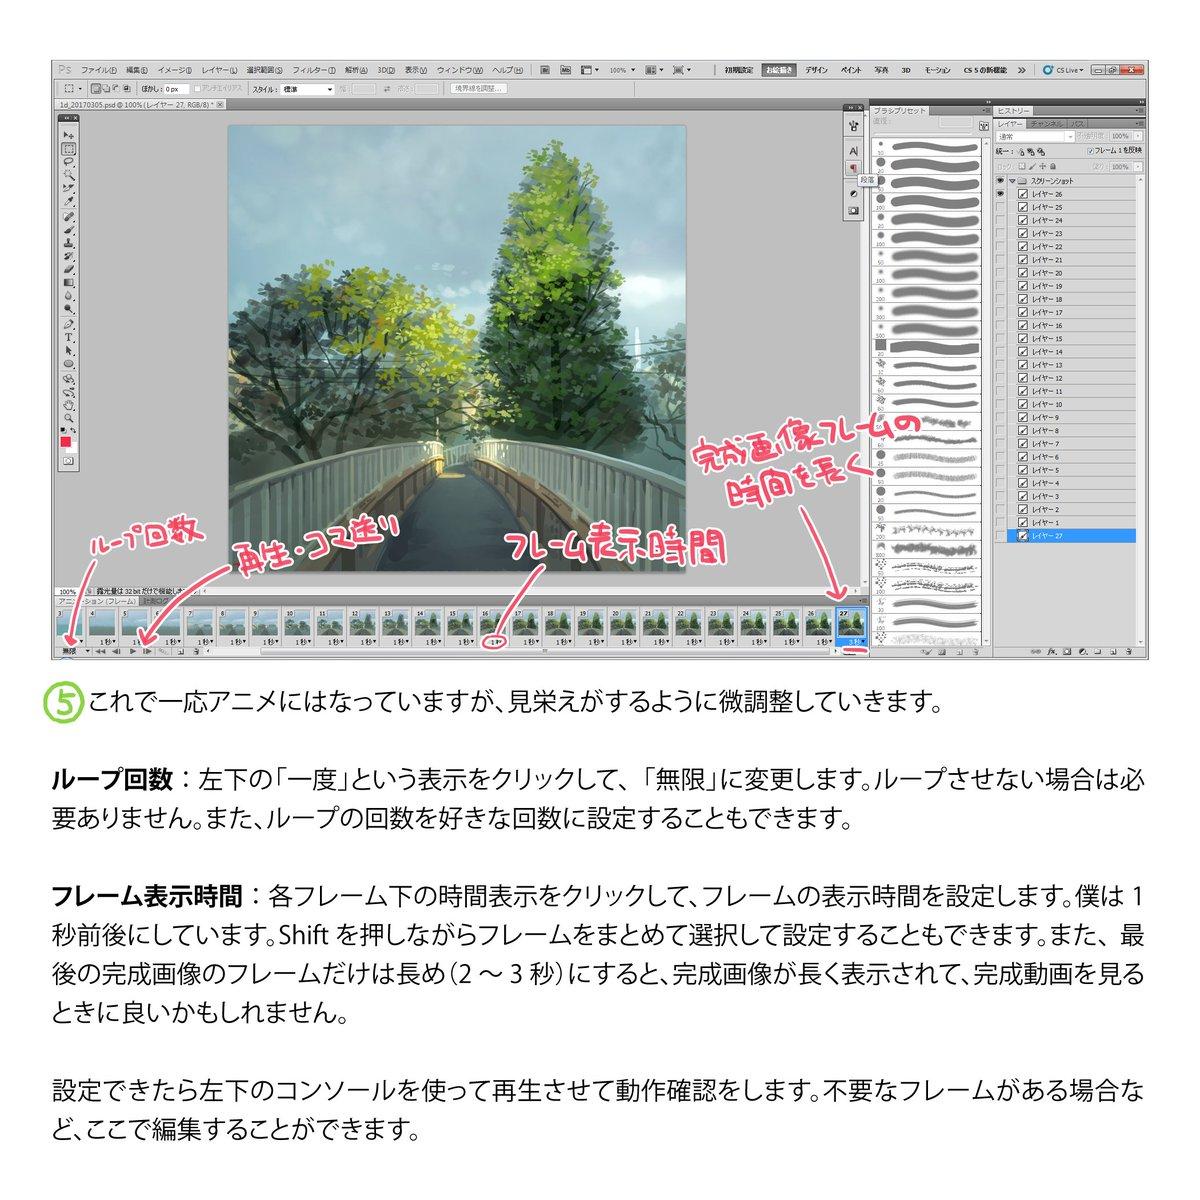 吉田誠治 On Twitter 制作過程アニメgifの作り方について質問された